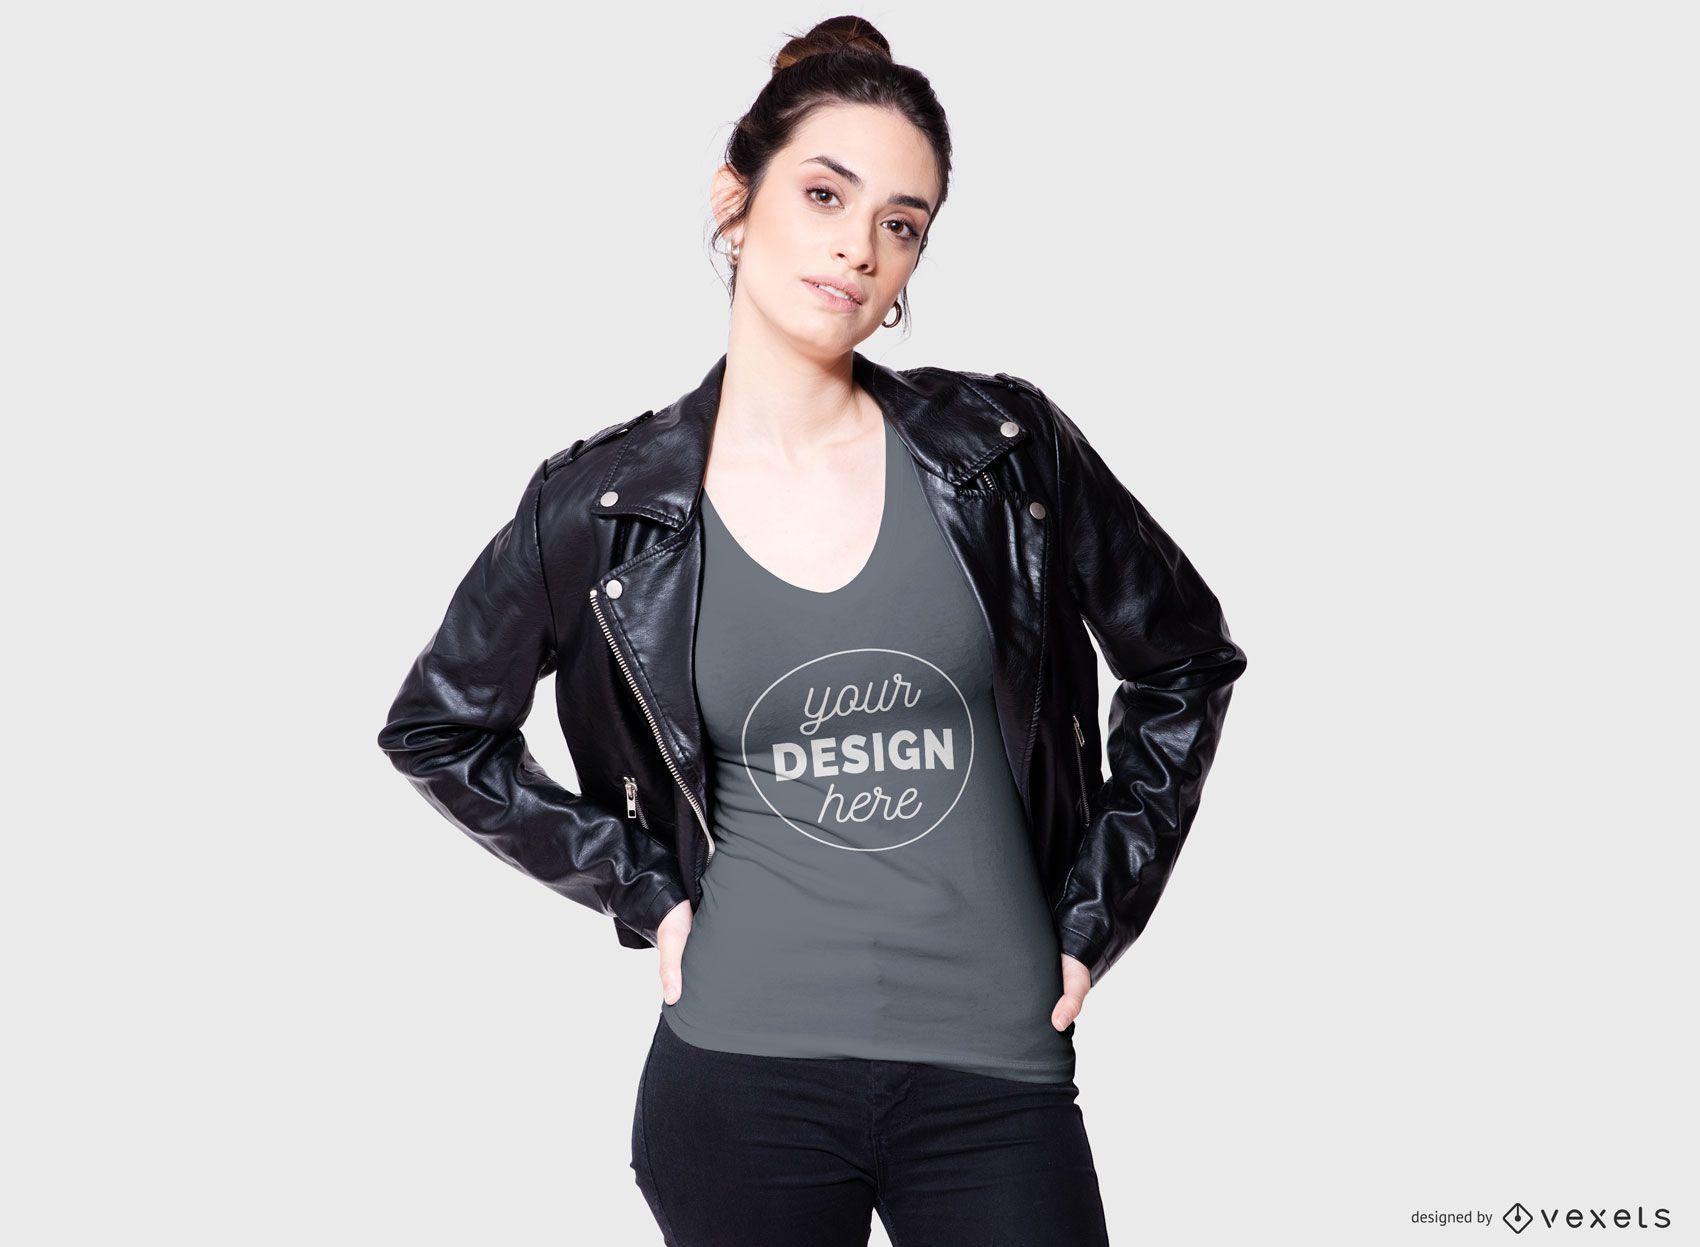 Maqueta de camiseta Cool Woman